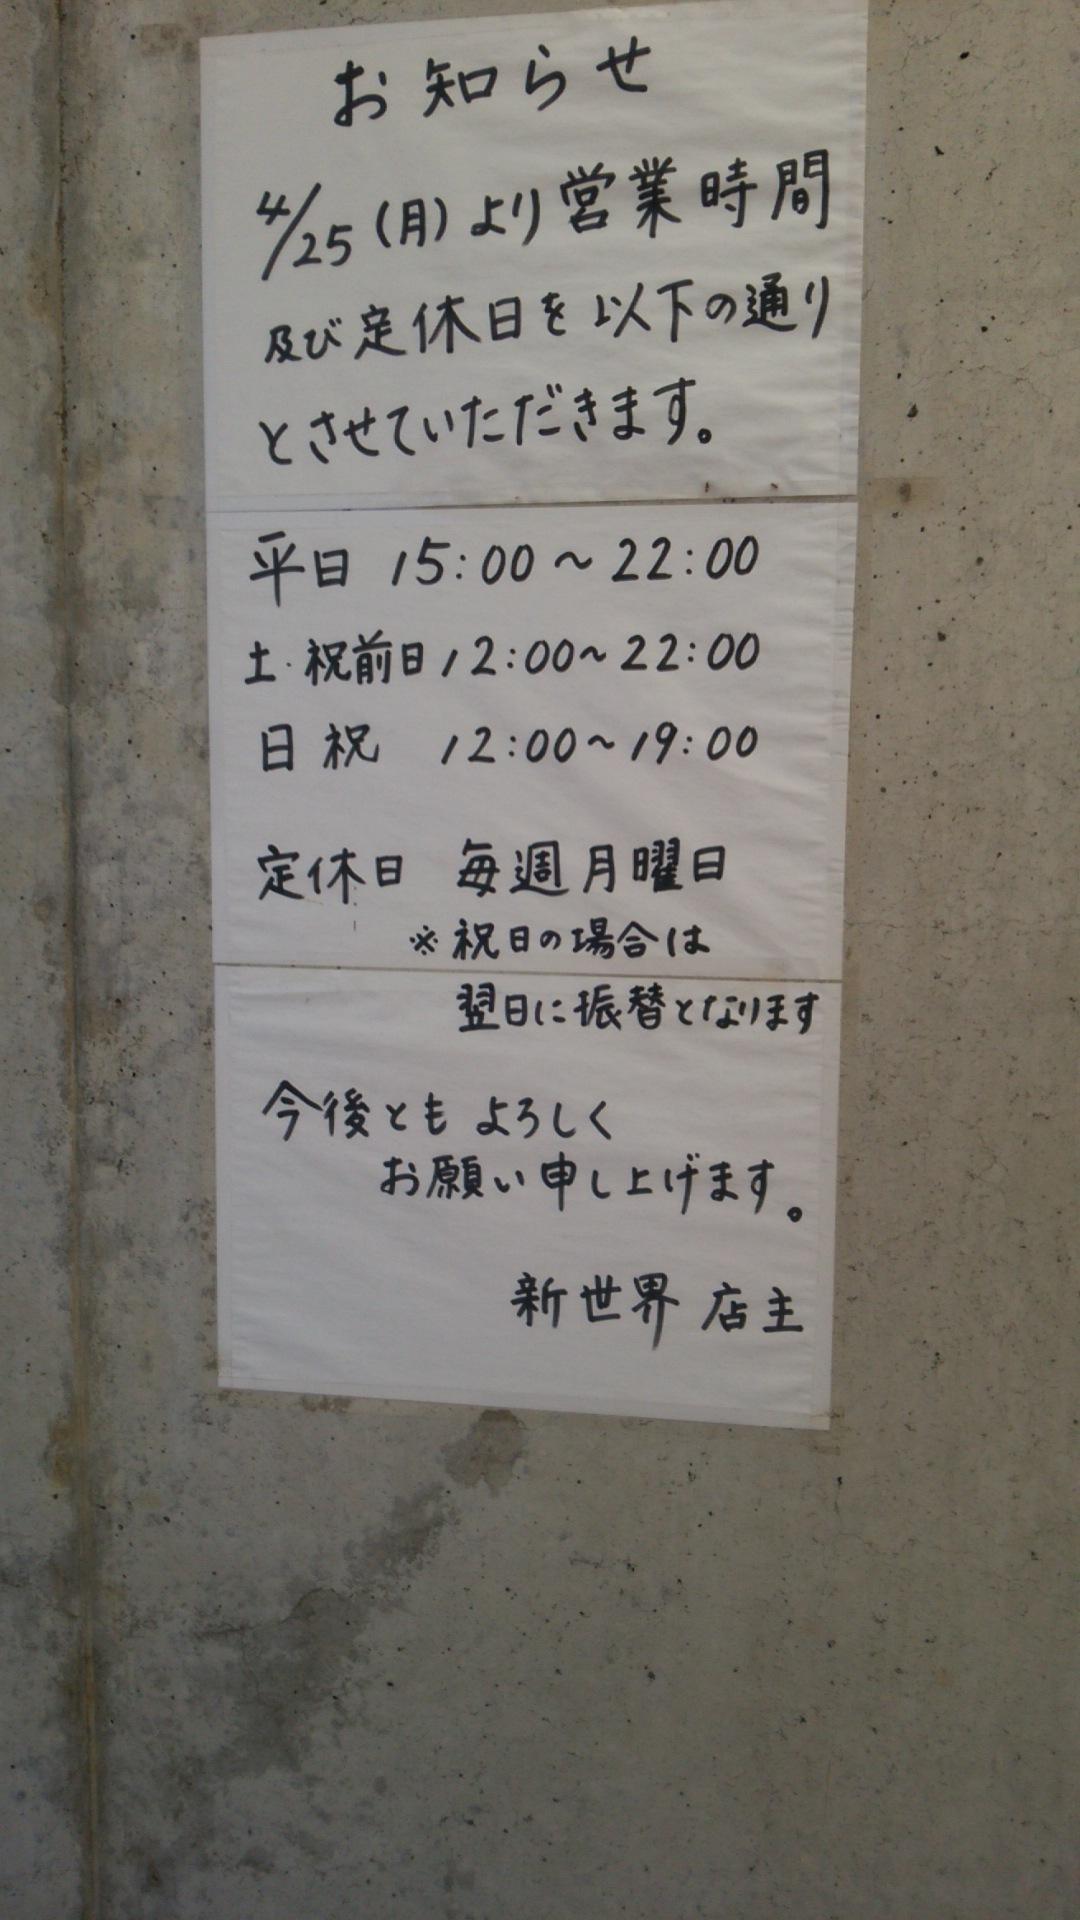 たこ焼き 串カツ 大阪名物 新世界